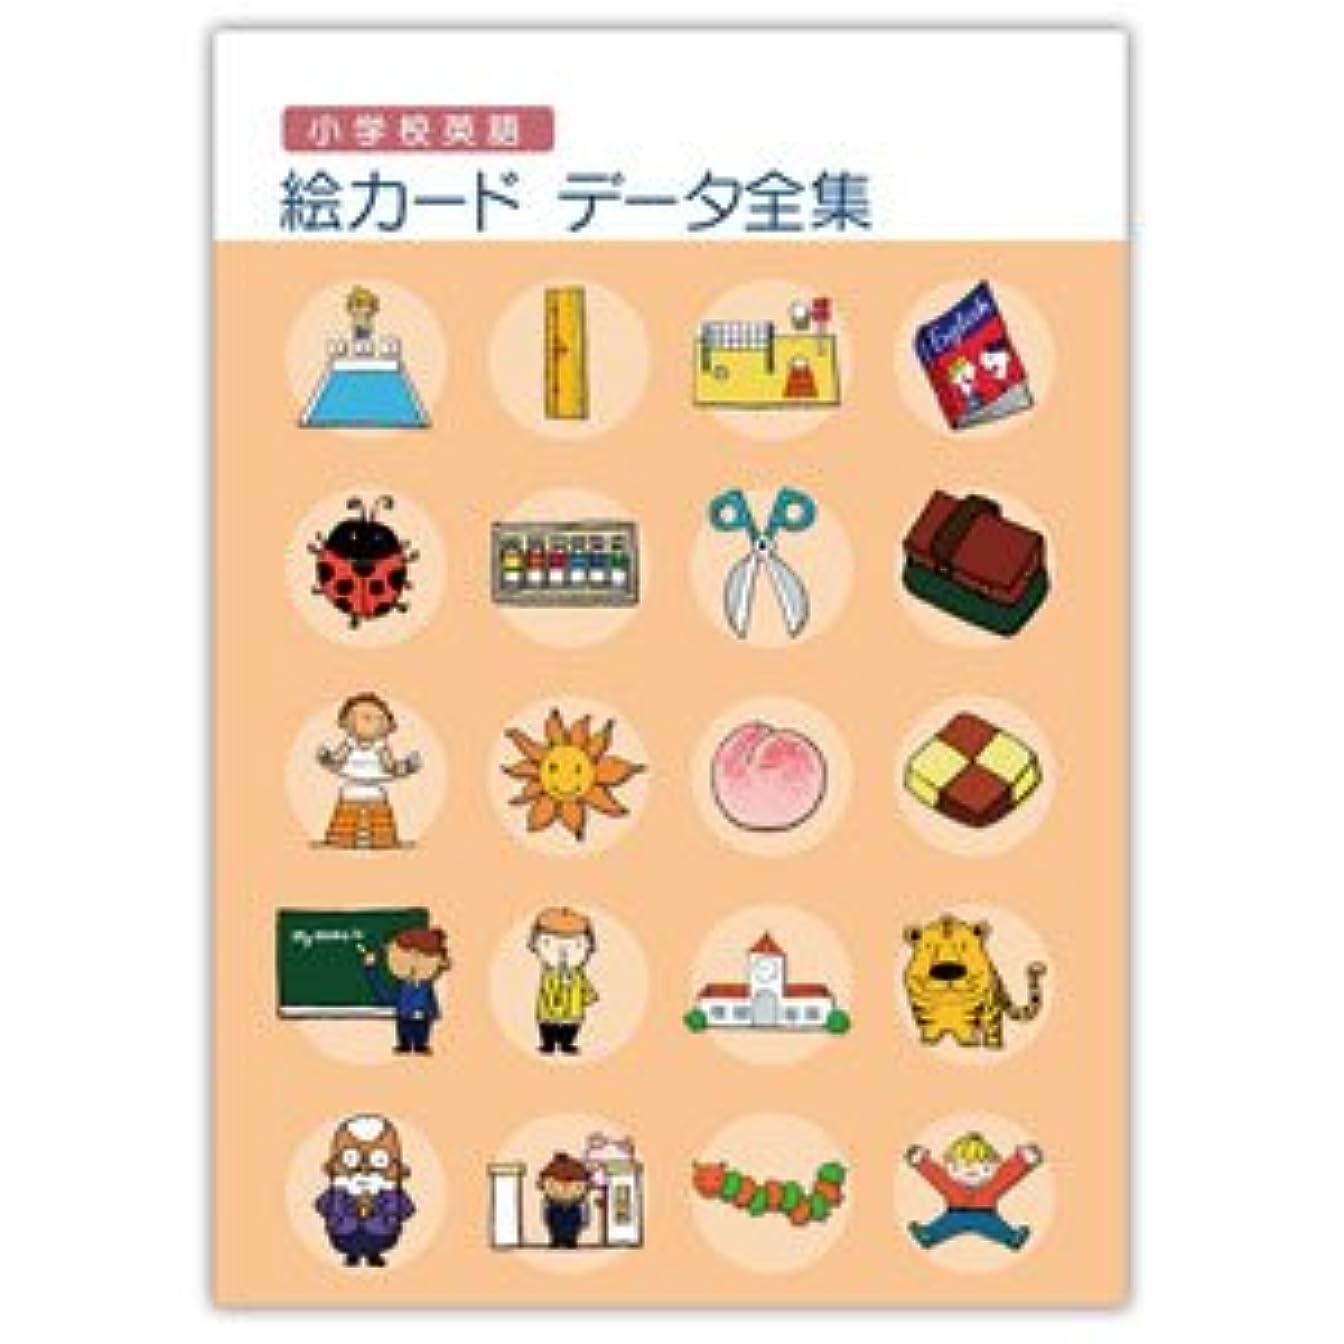 有名僕の噂小学校英語 絵カードデータ全集 【Hi, friends!収録の単語のほとんどを網羅しています】